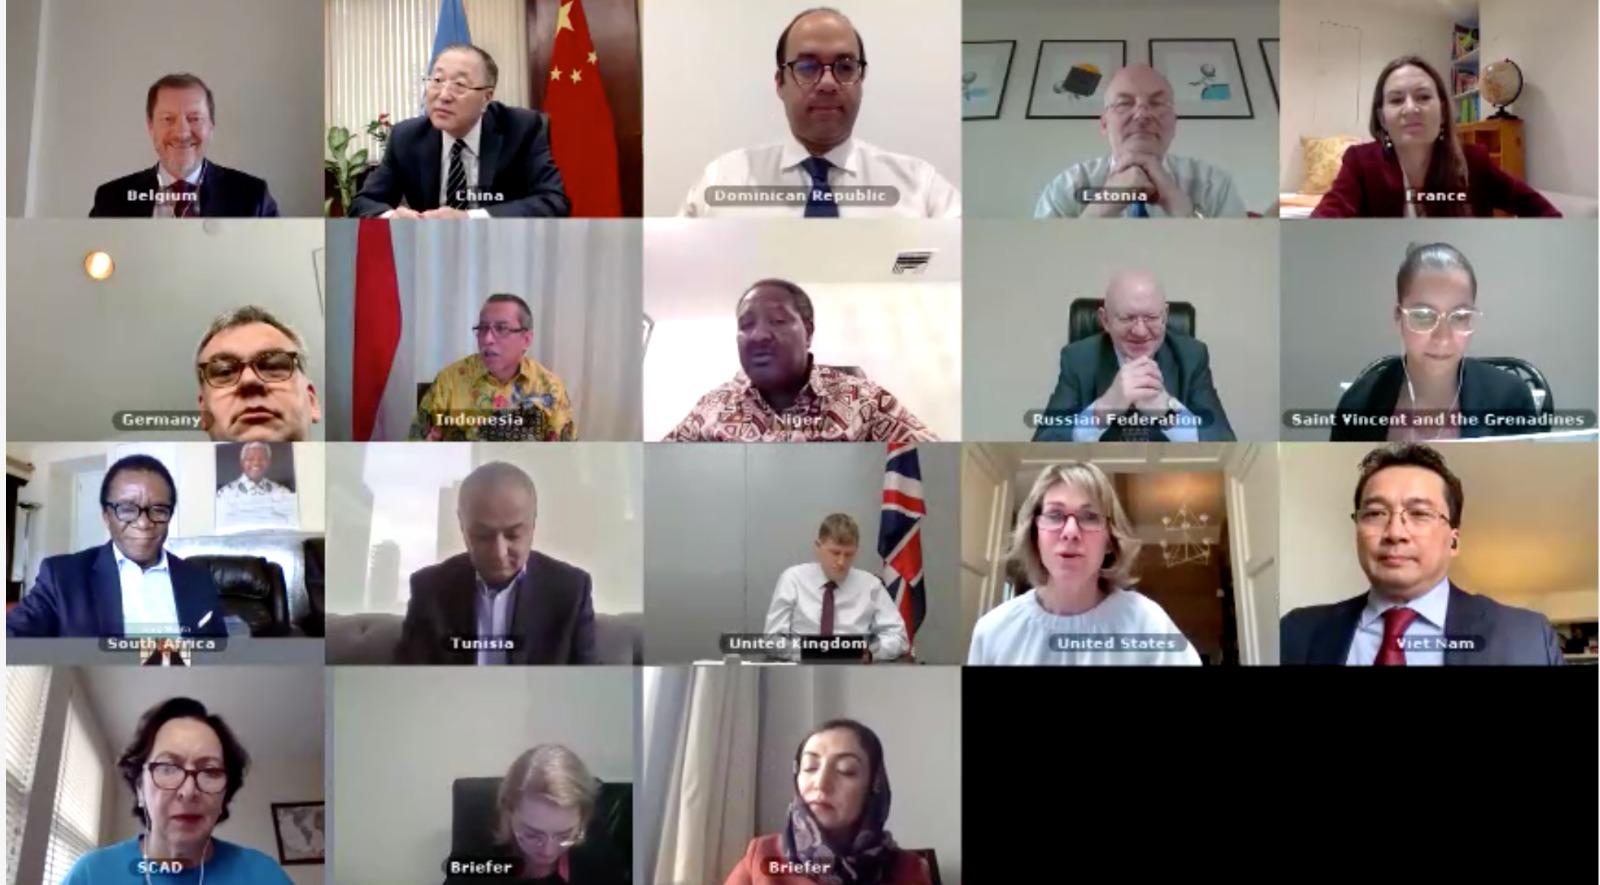 Hội đồng Bảo an thảo luận trực tuyến về tình hình Áp-ga-ni-xtan